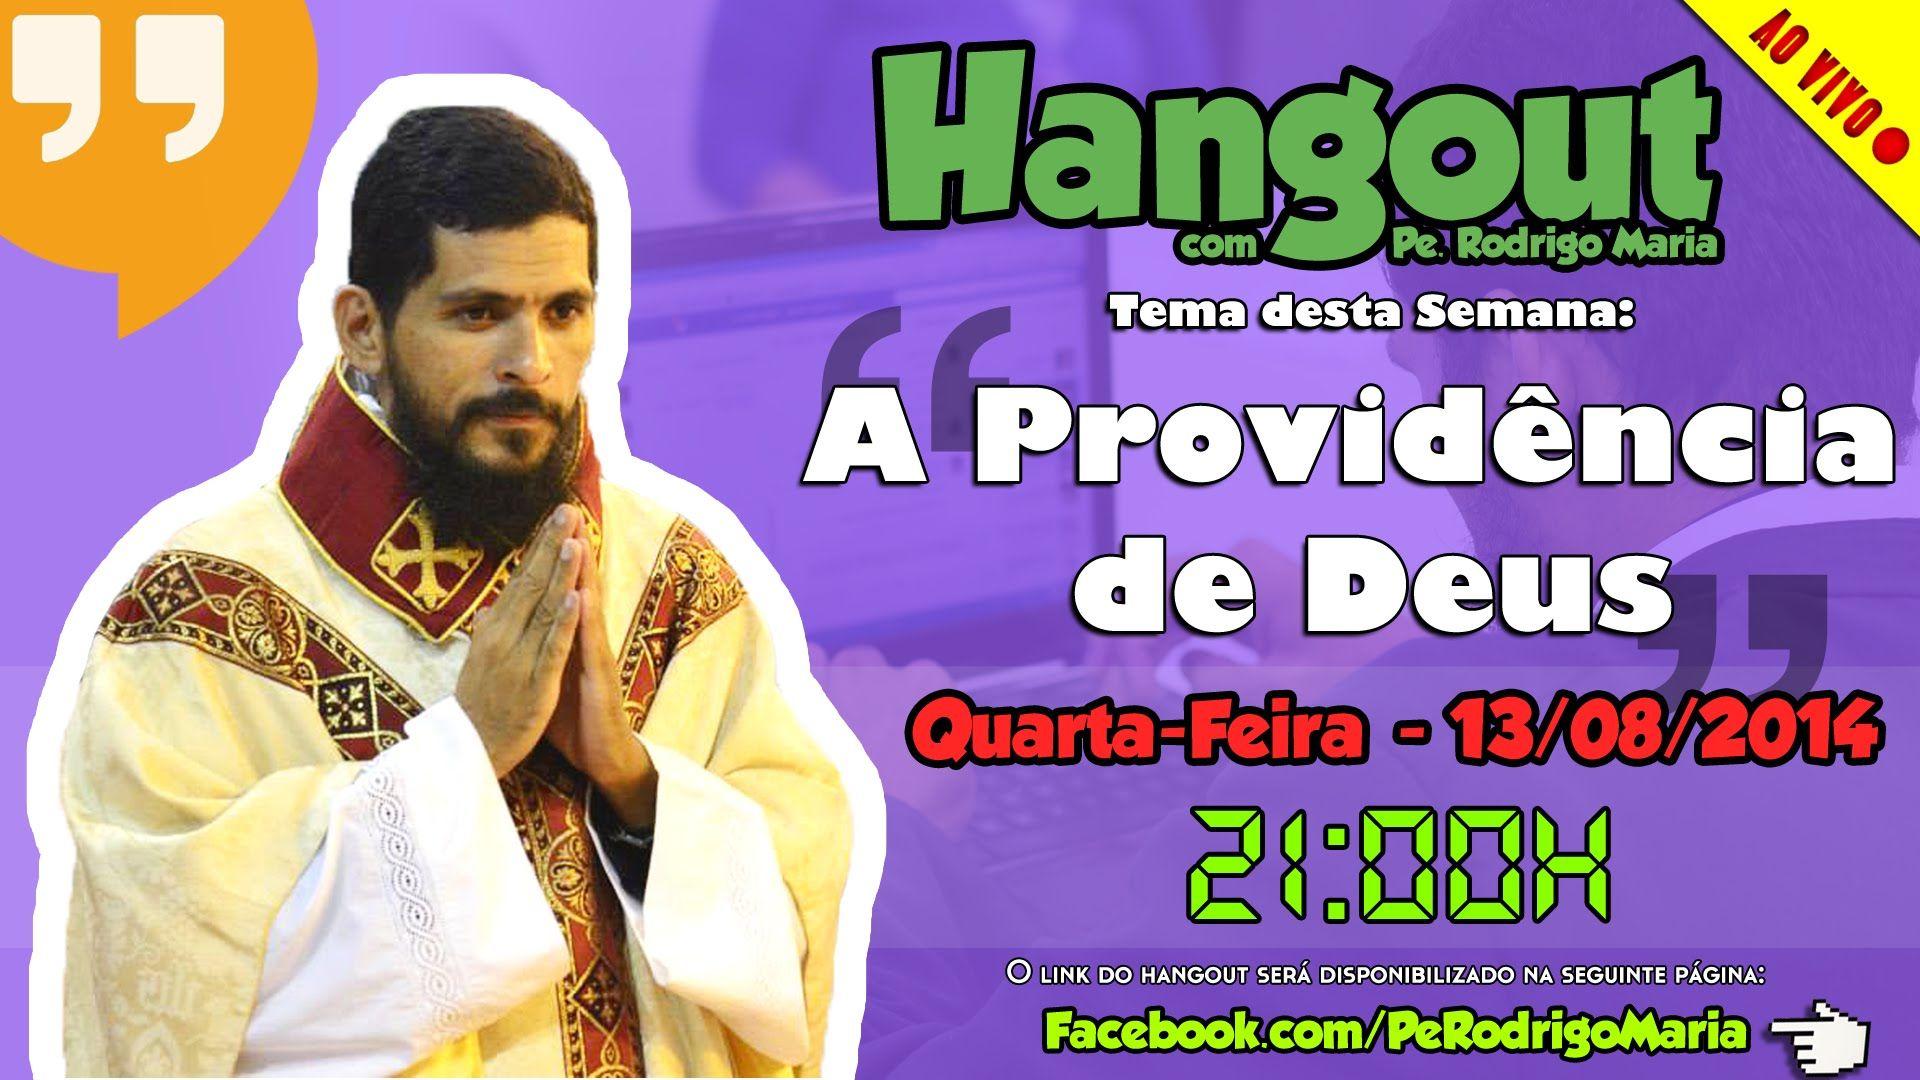 Hangout com Padre Rodrigo Maria - A Providência de Deus